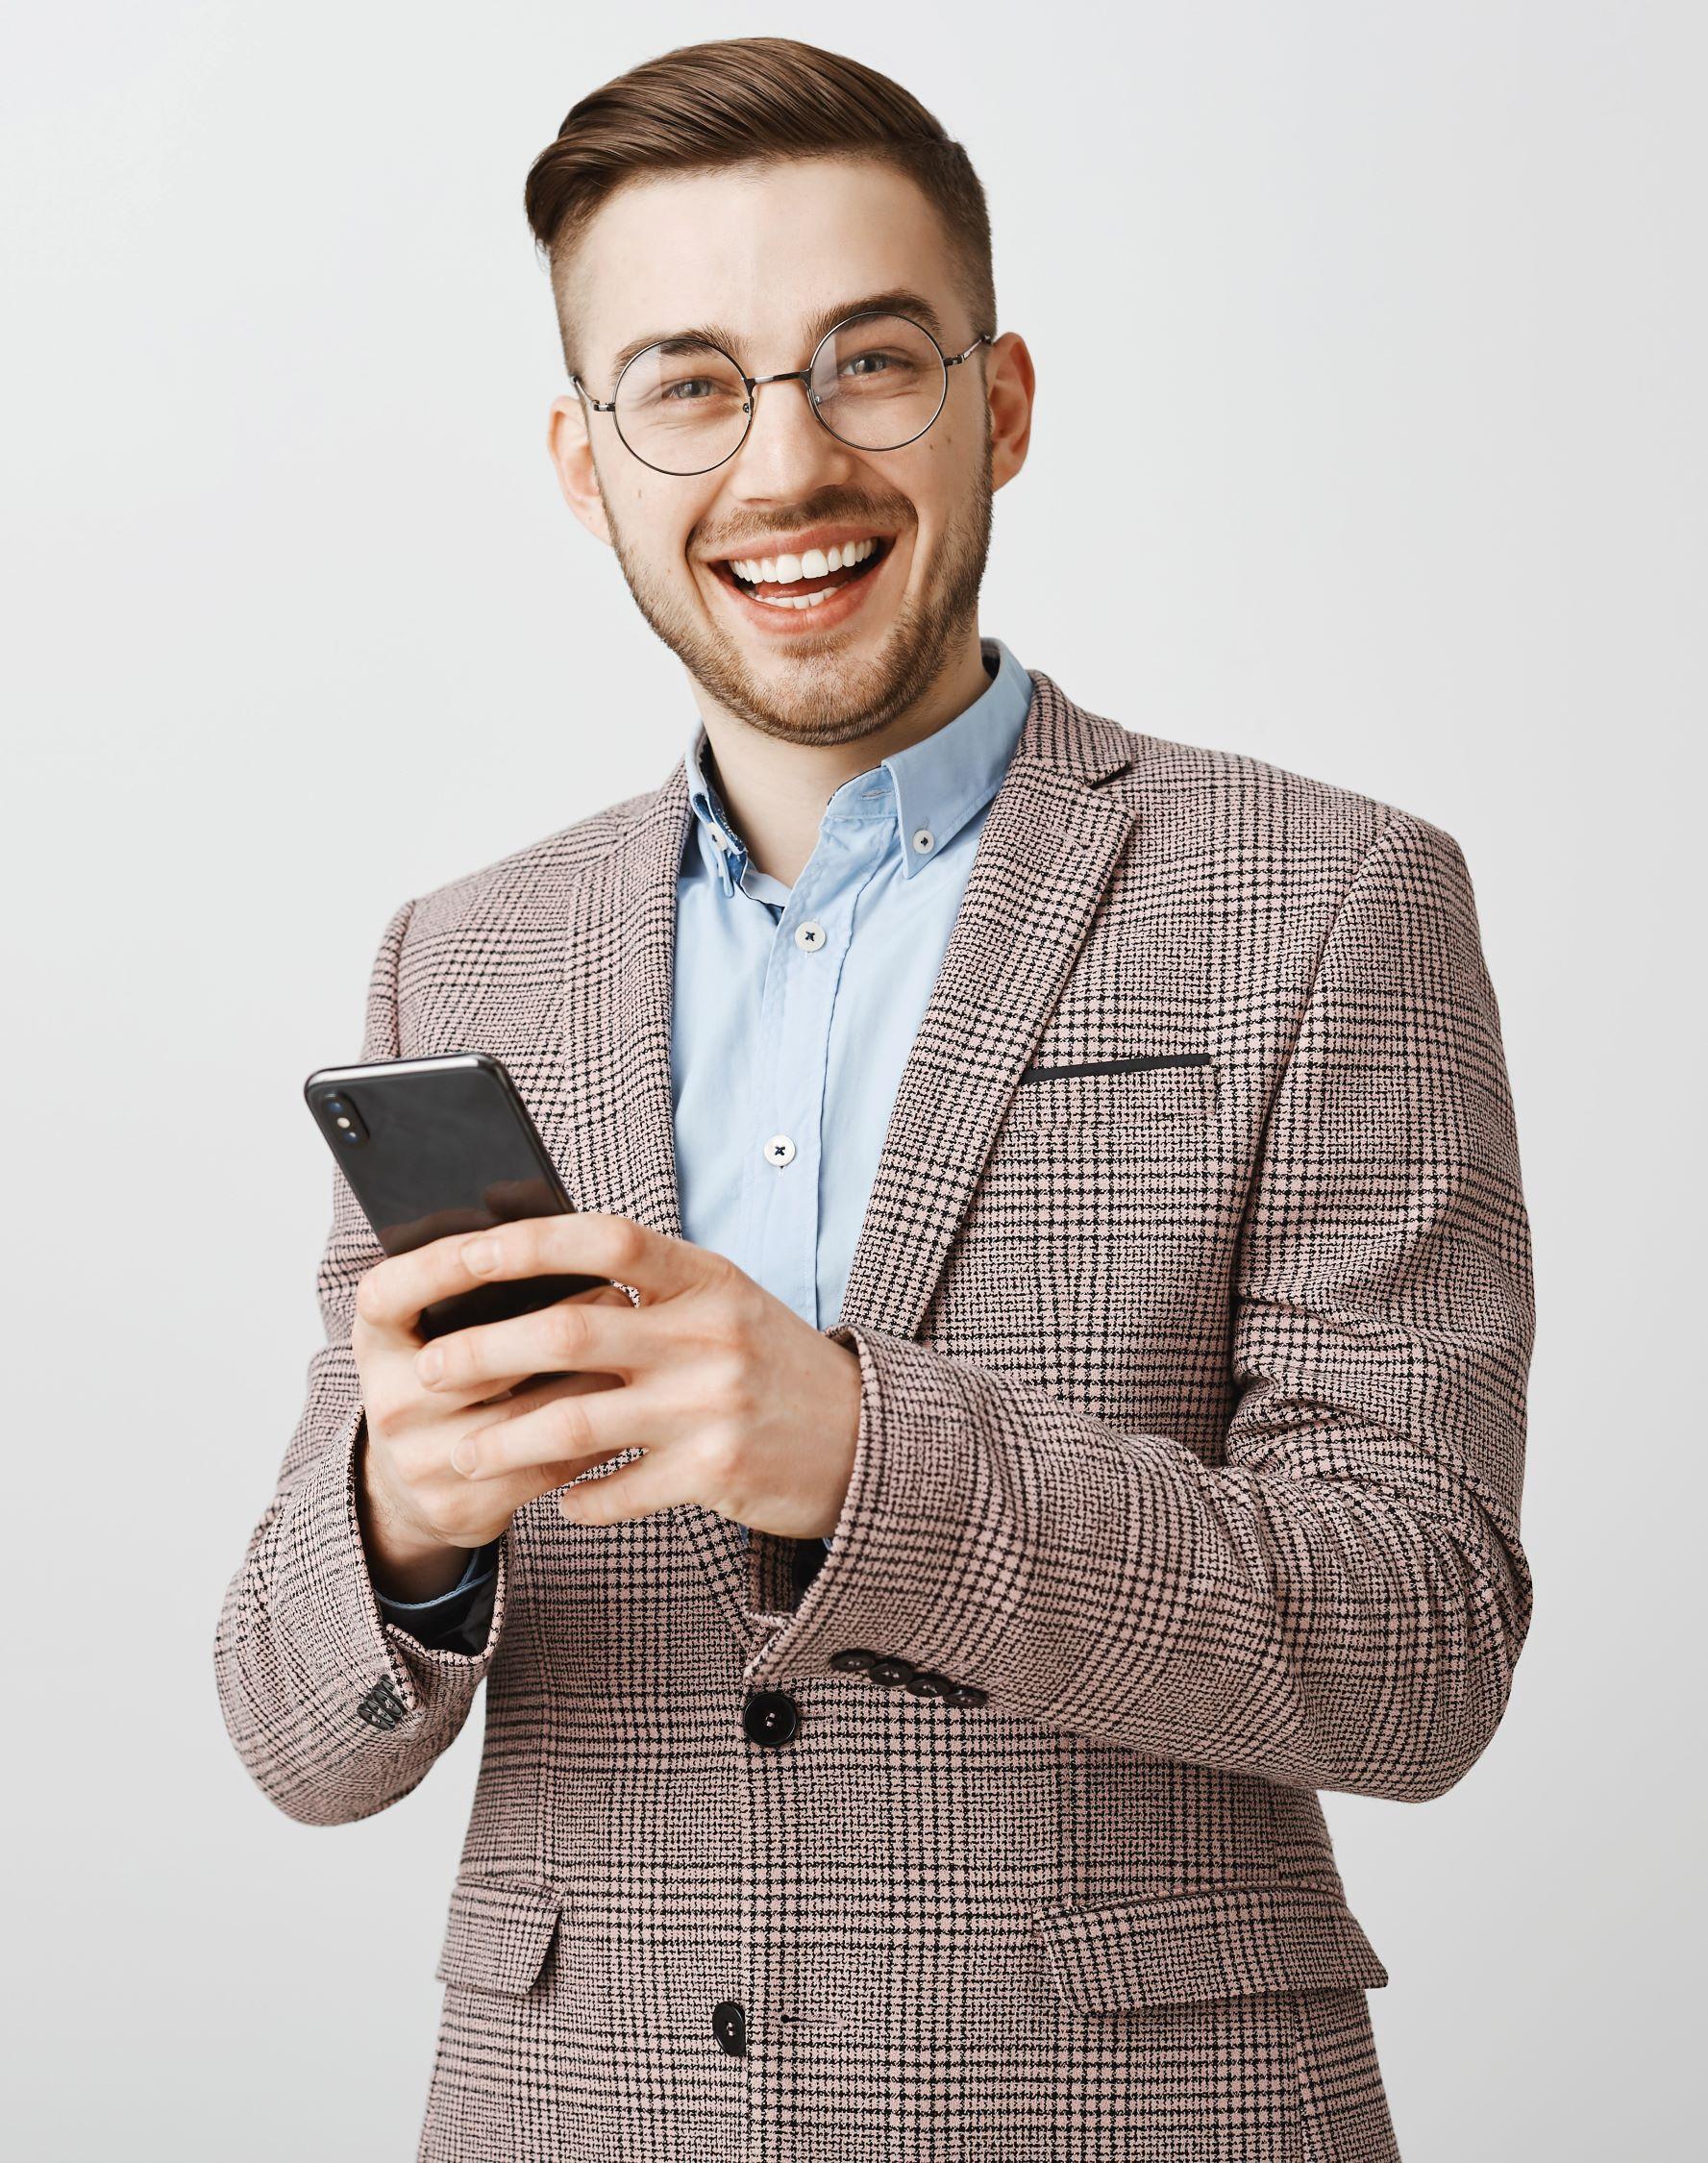 głosowanie przez internet aplikacja